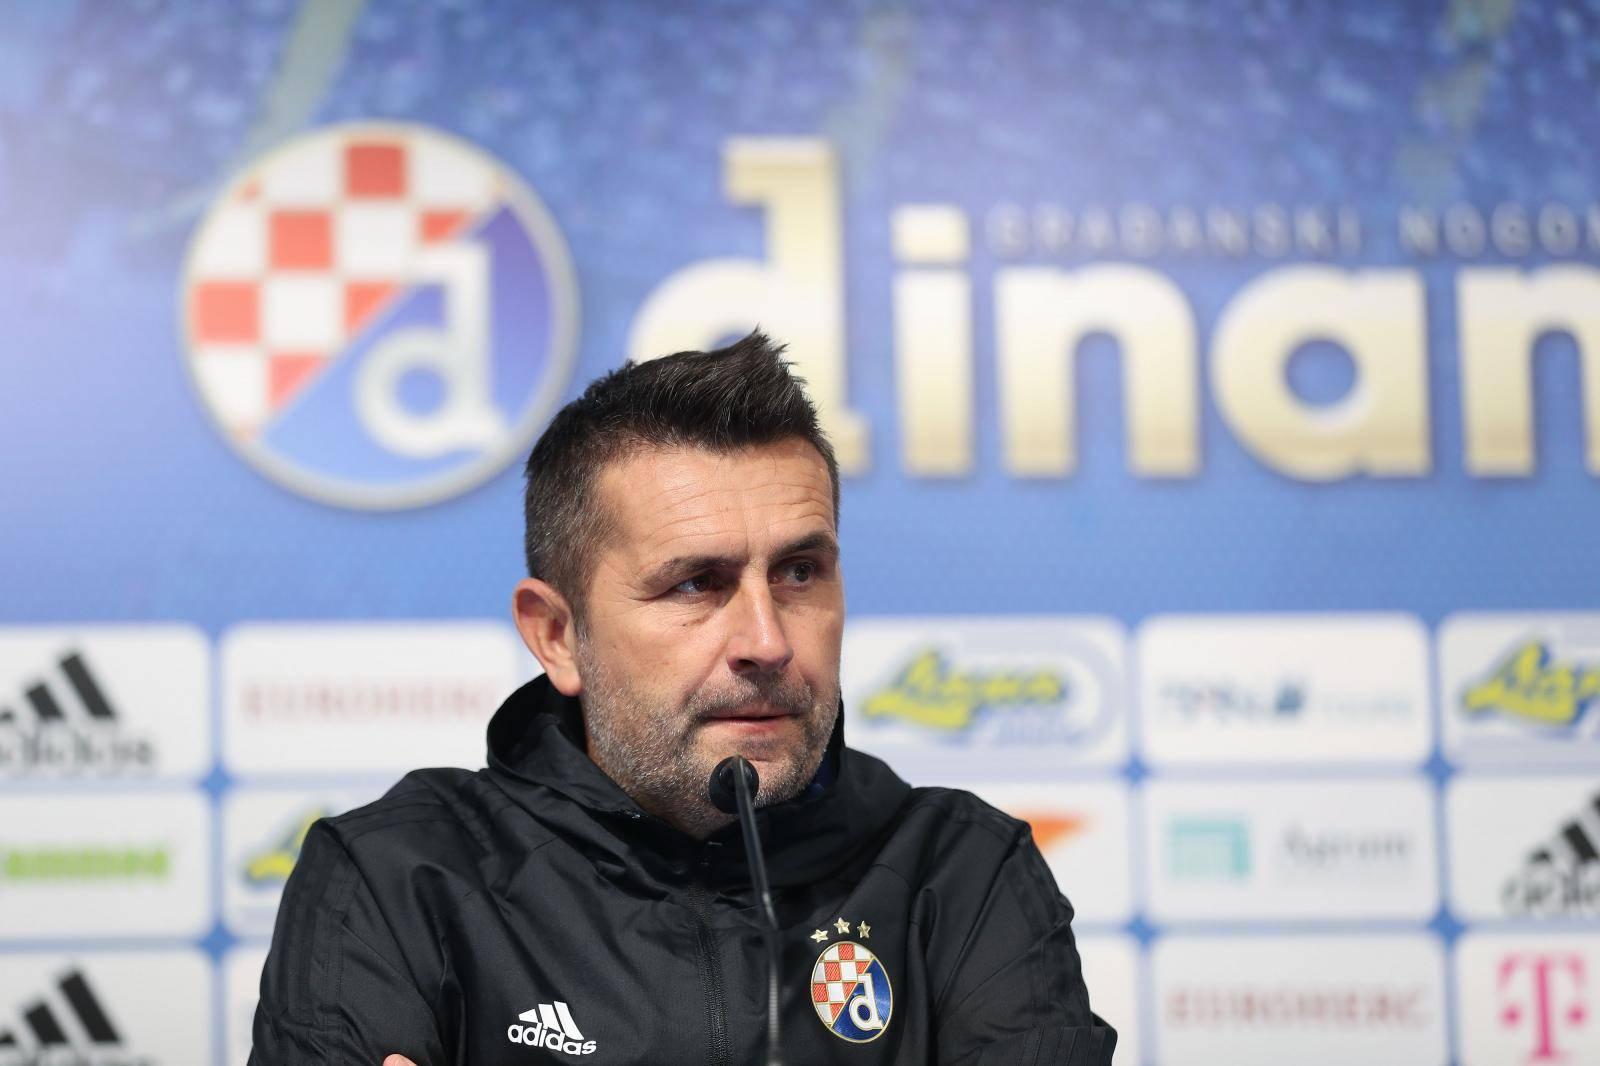 'Kuleševića sam znao još kao dijete, ali pobjeđujemo Osijek'